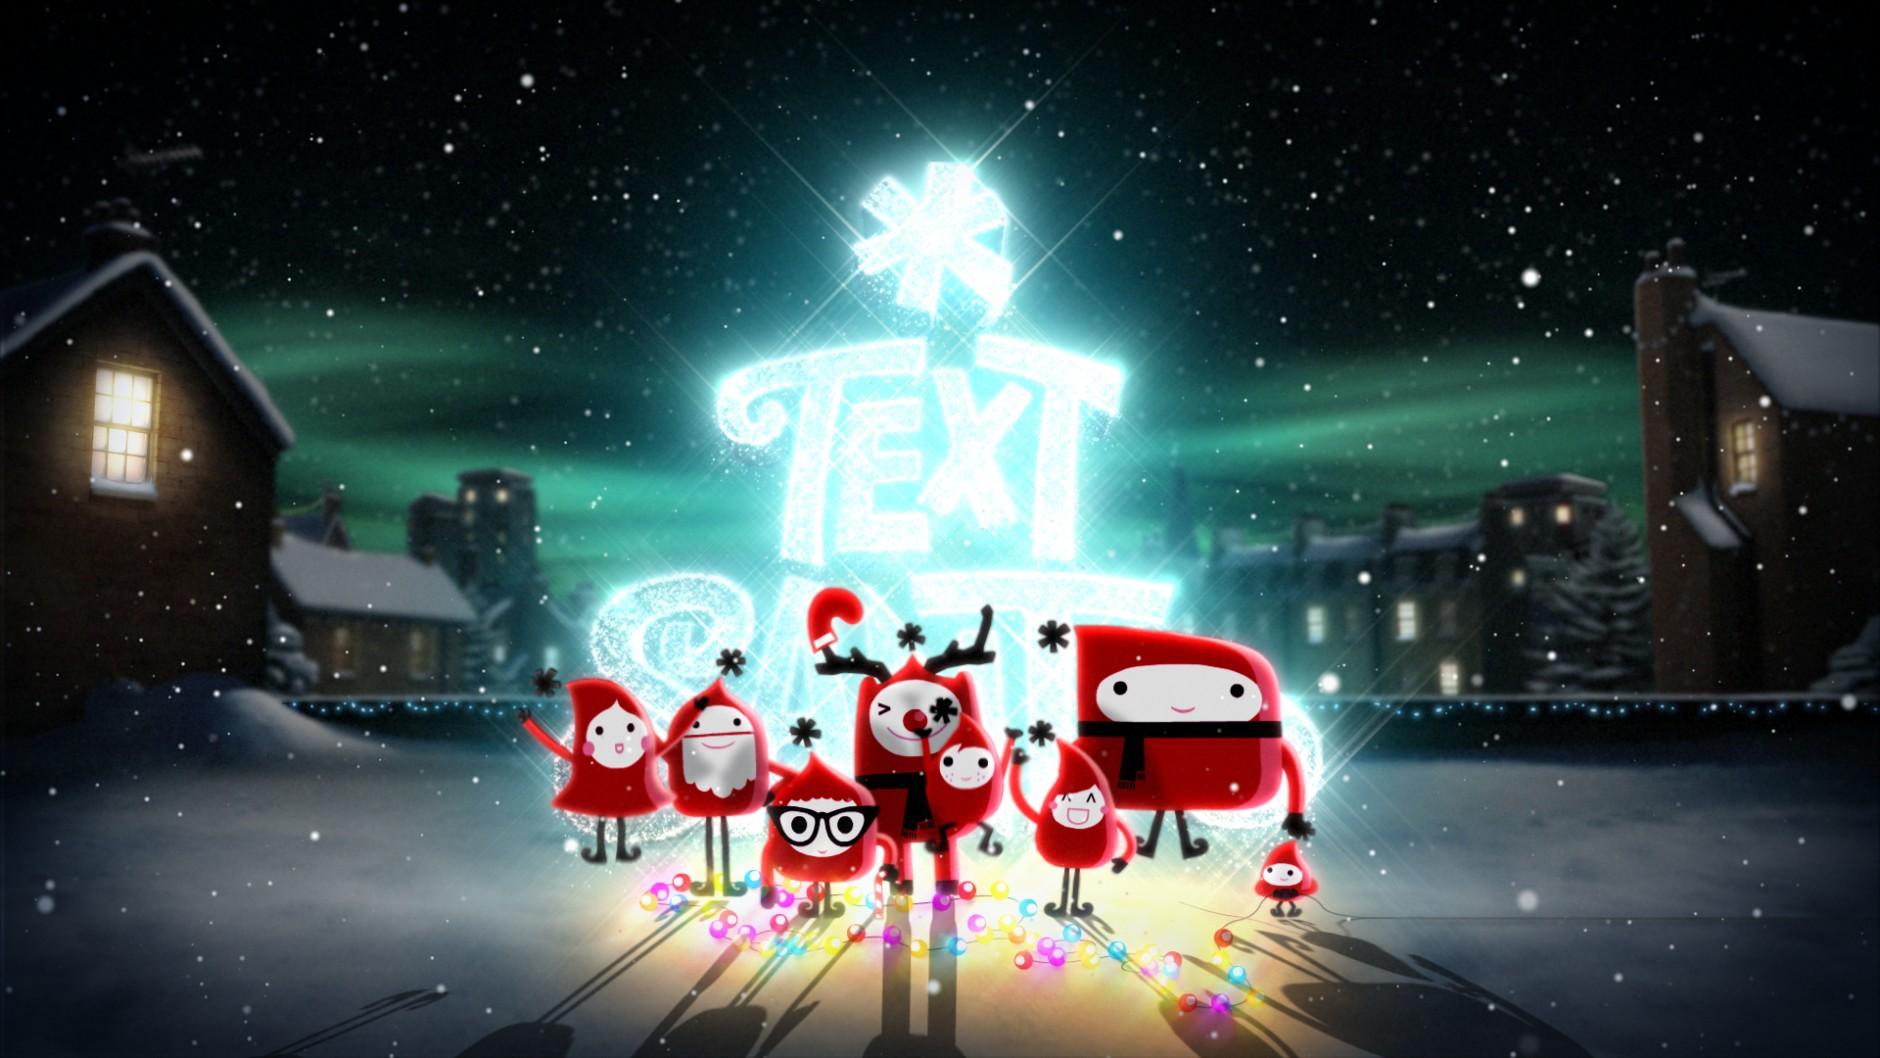 Spezialpreis Creation: Lambie-Narin: ITV - Text Santa